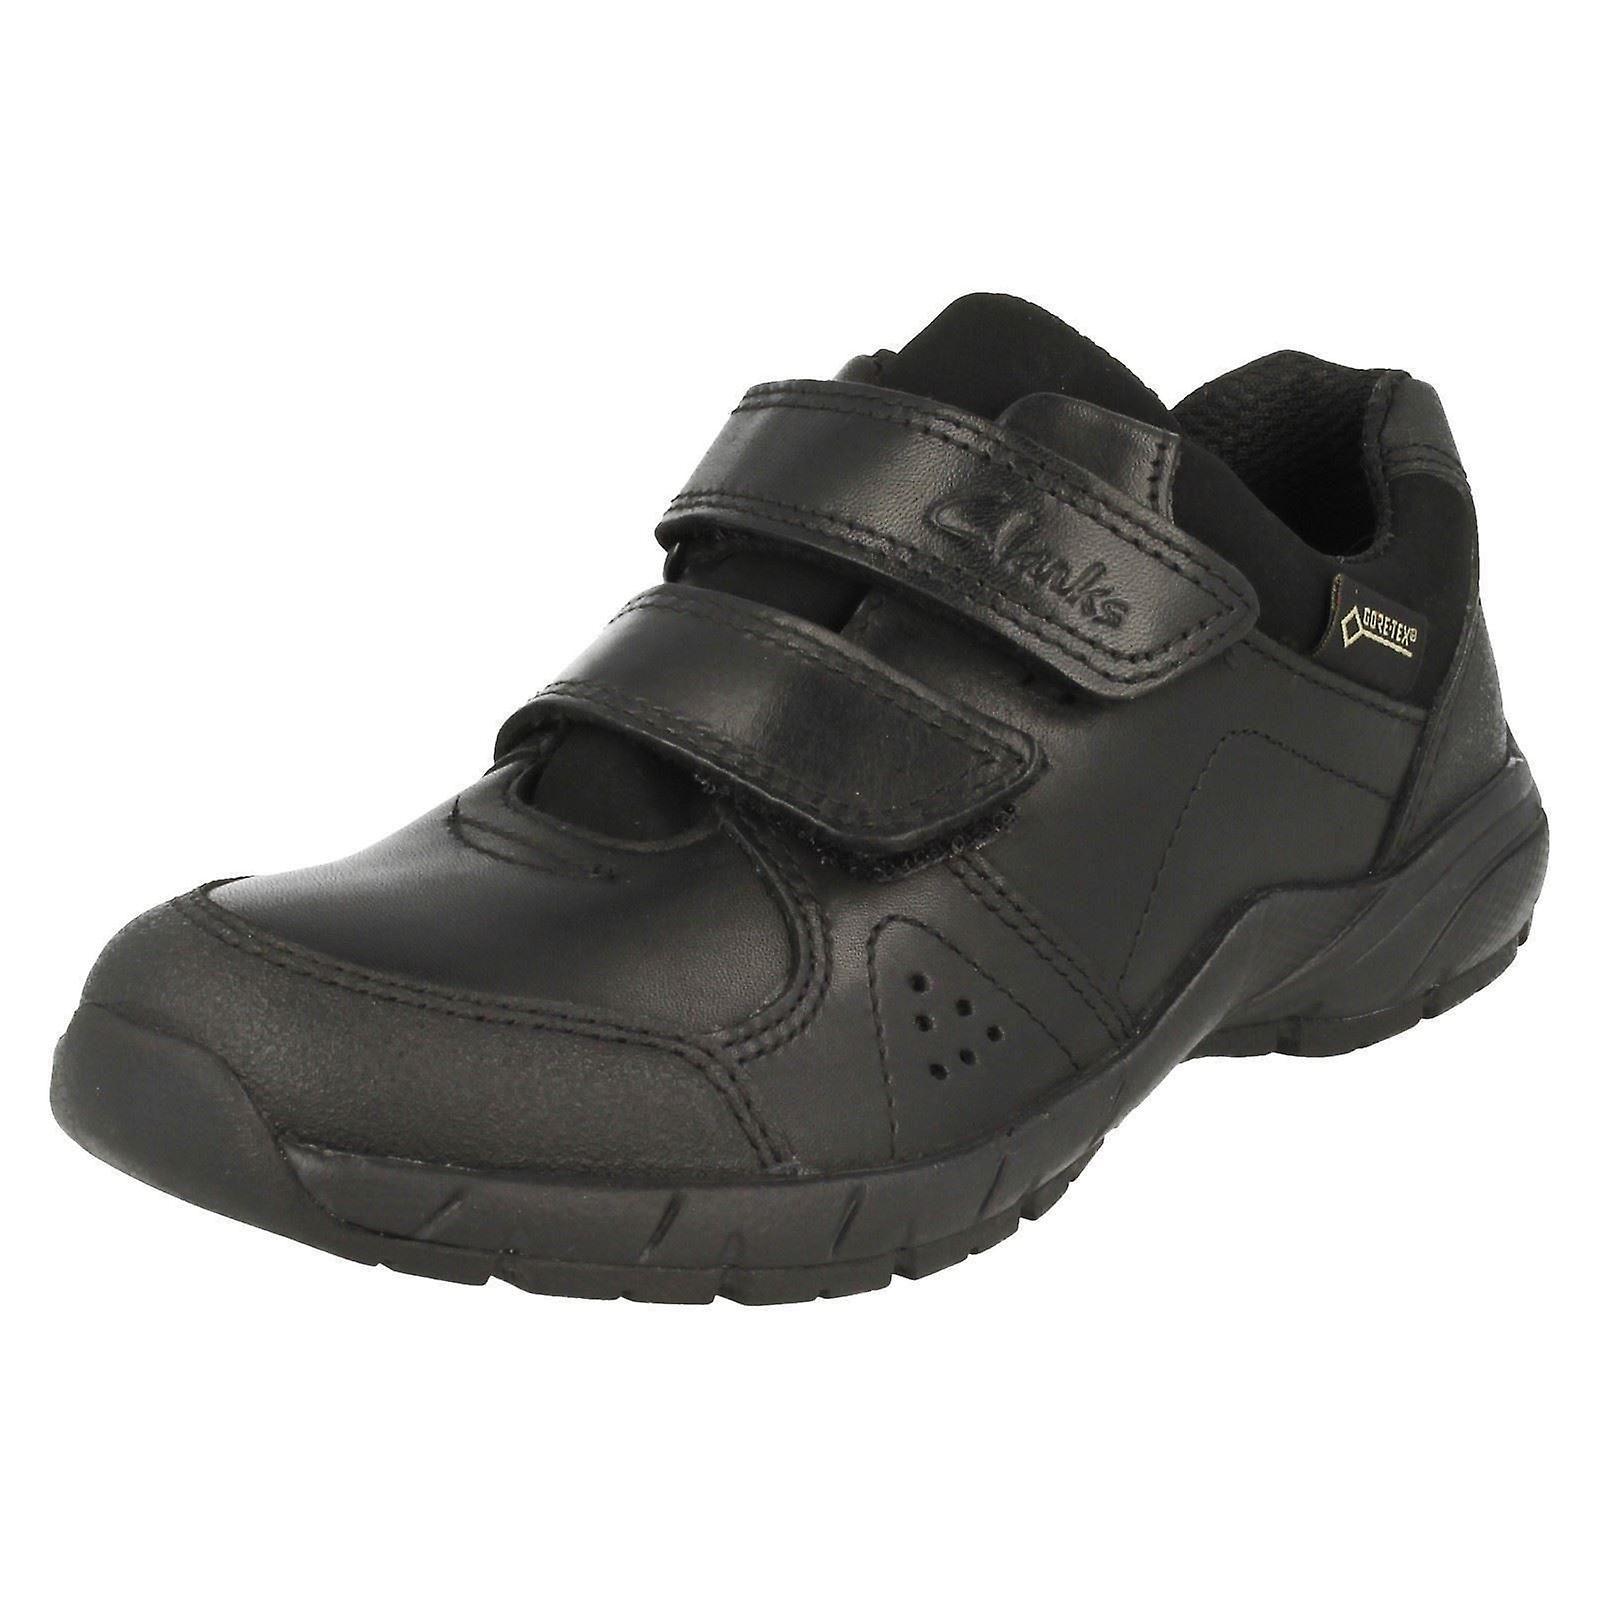 École de garçons Clarks chaussures Zevifungtx